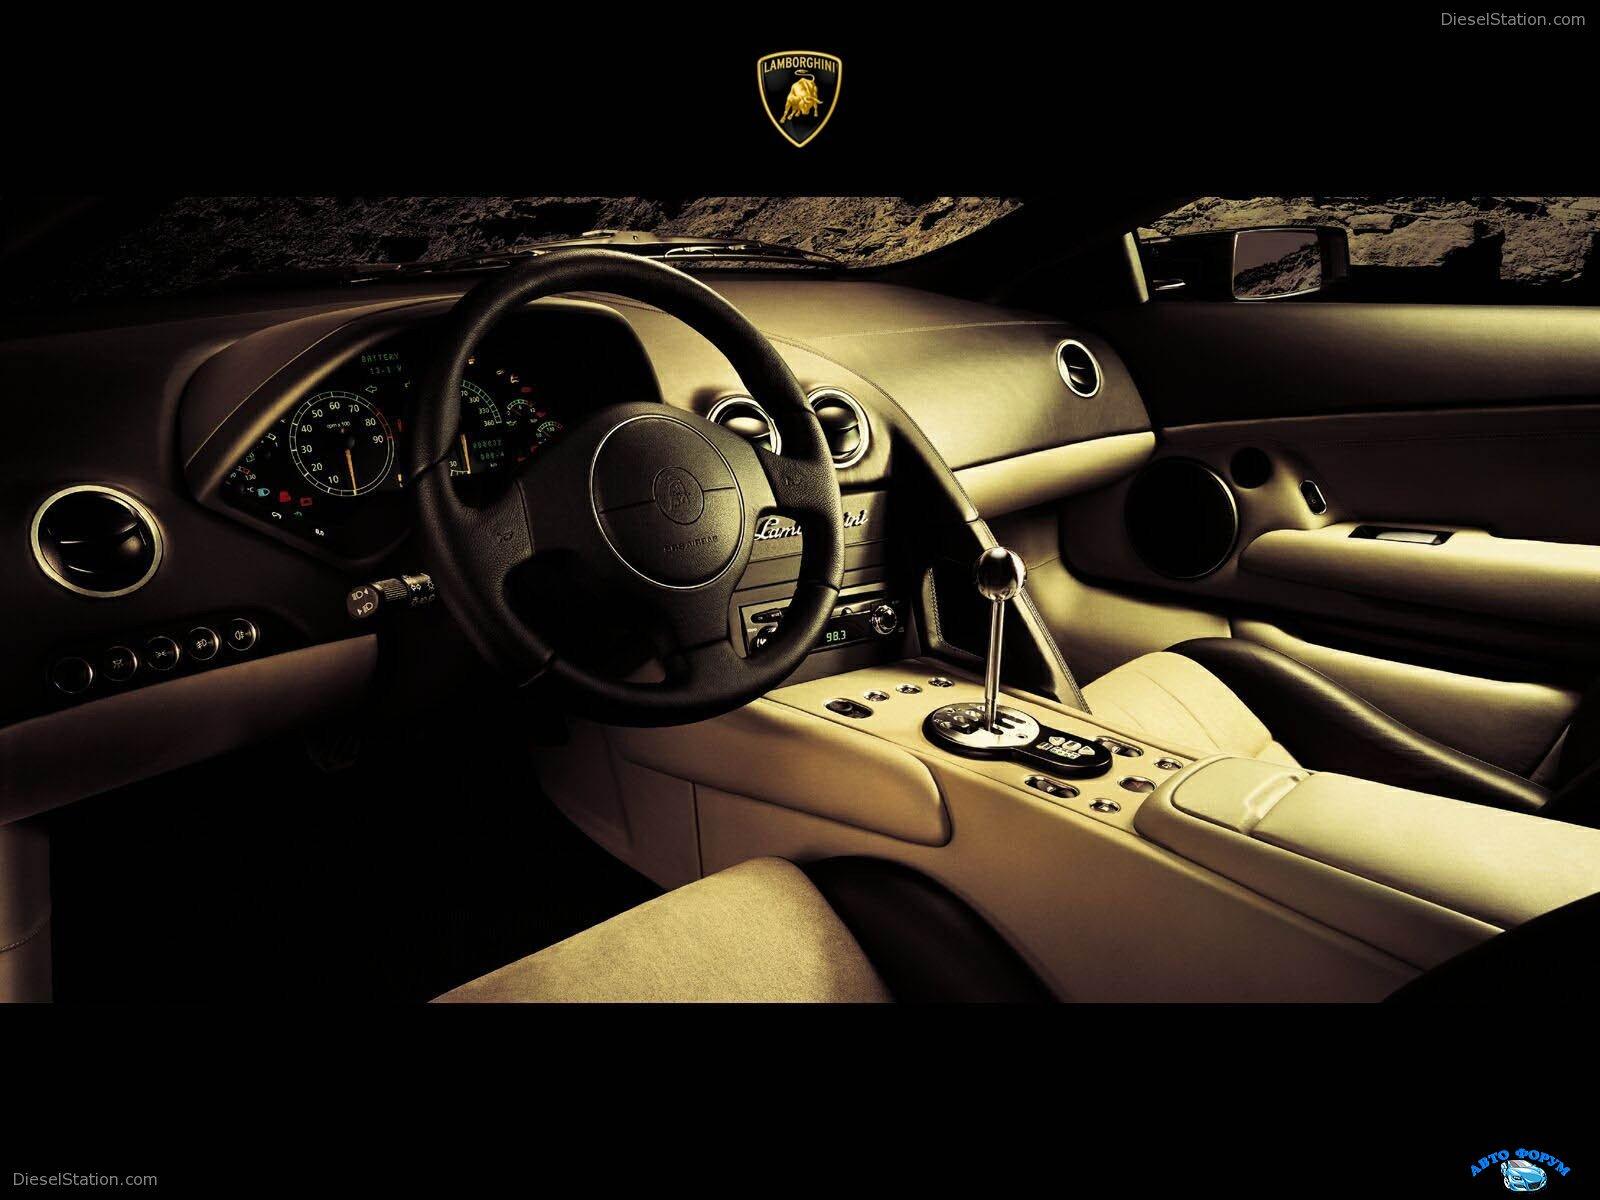 Lamborghini-Murcielago-009.jpg